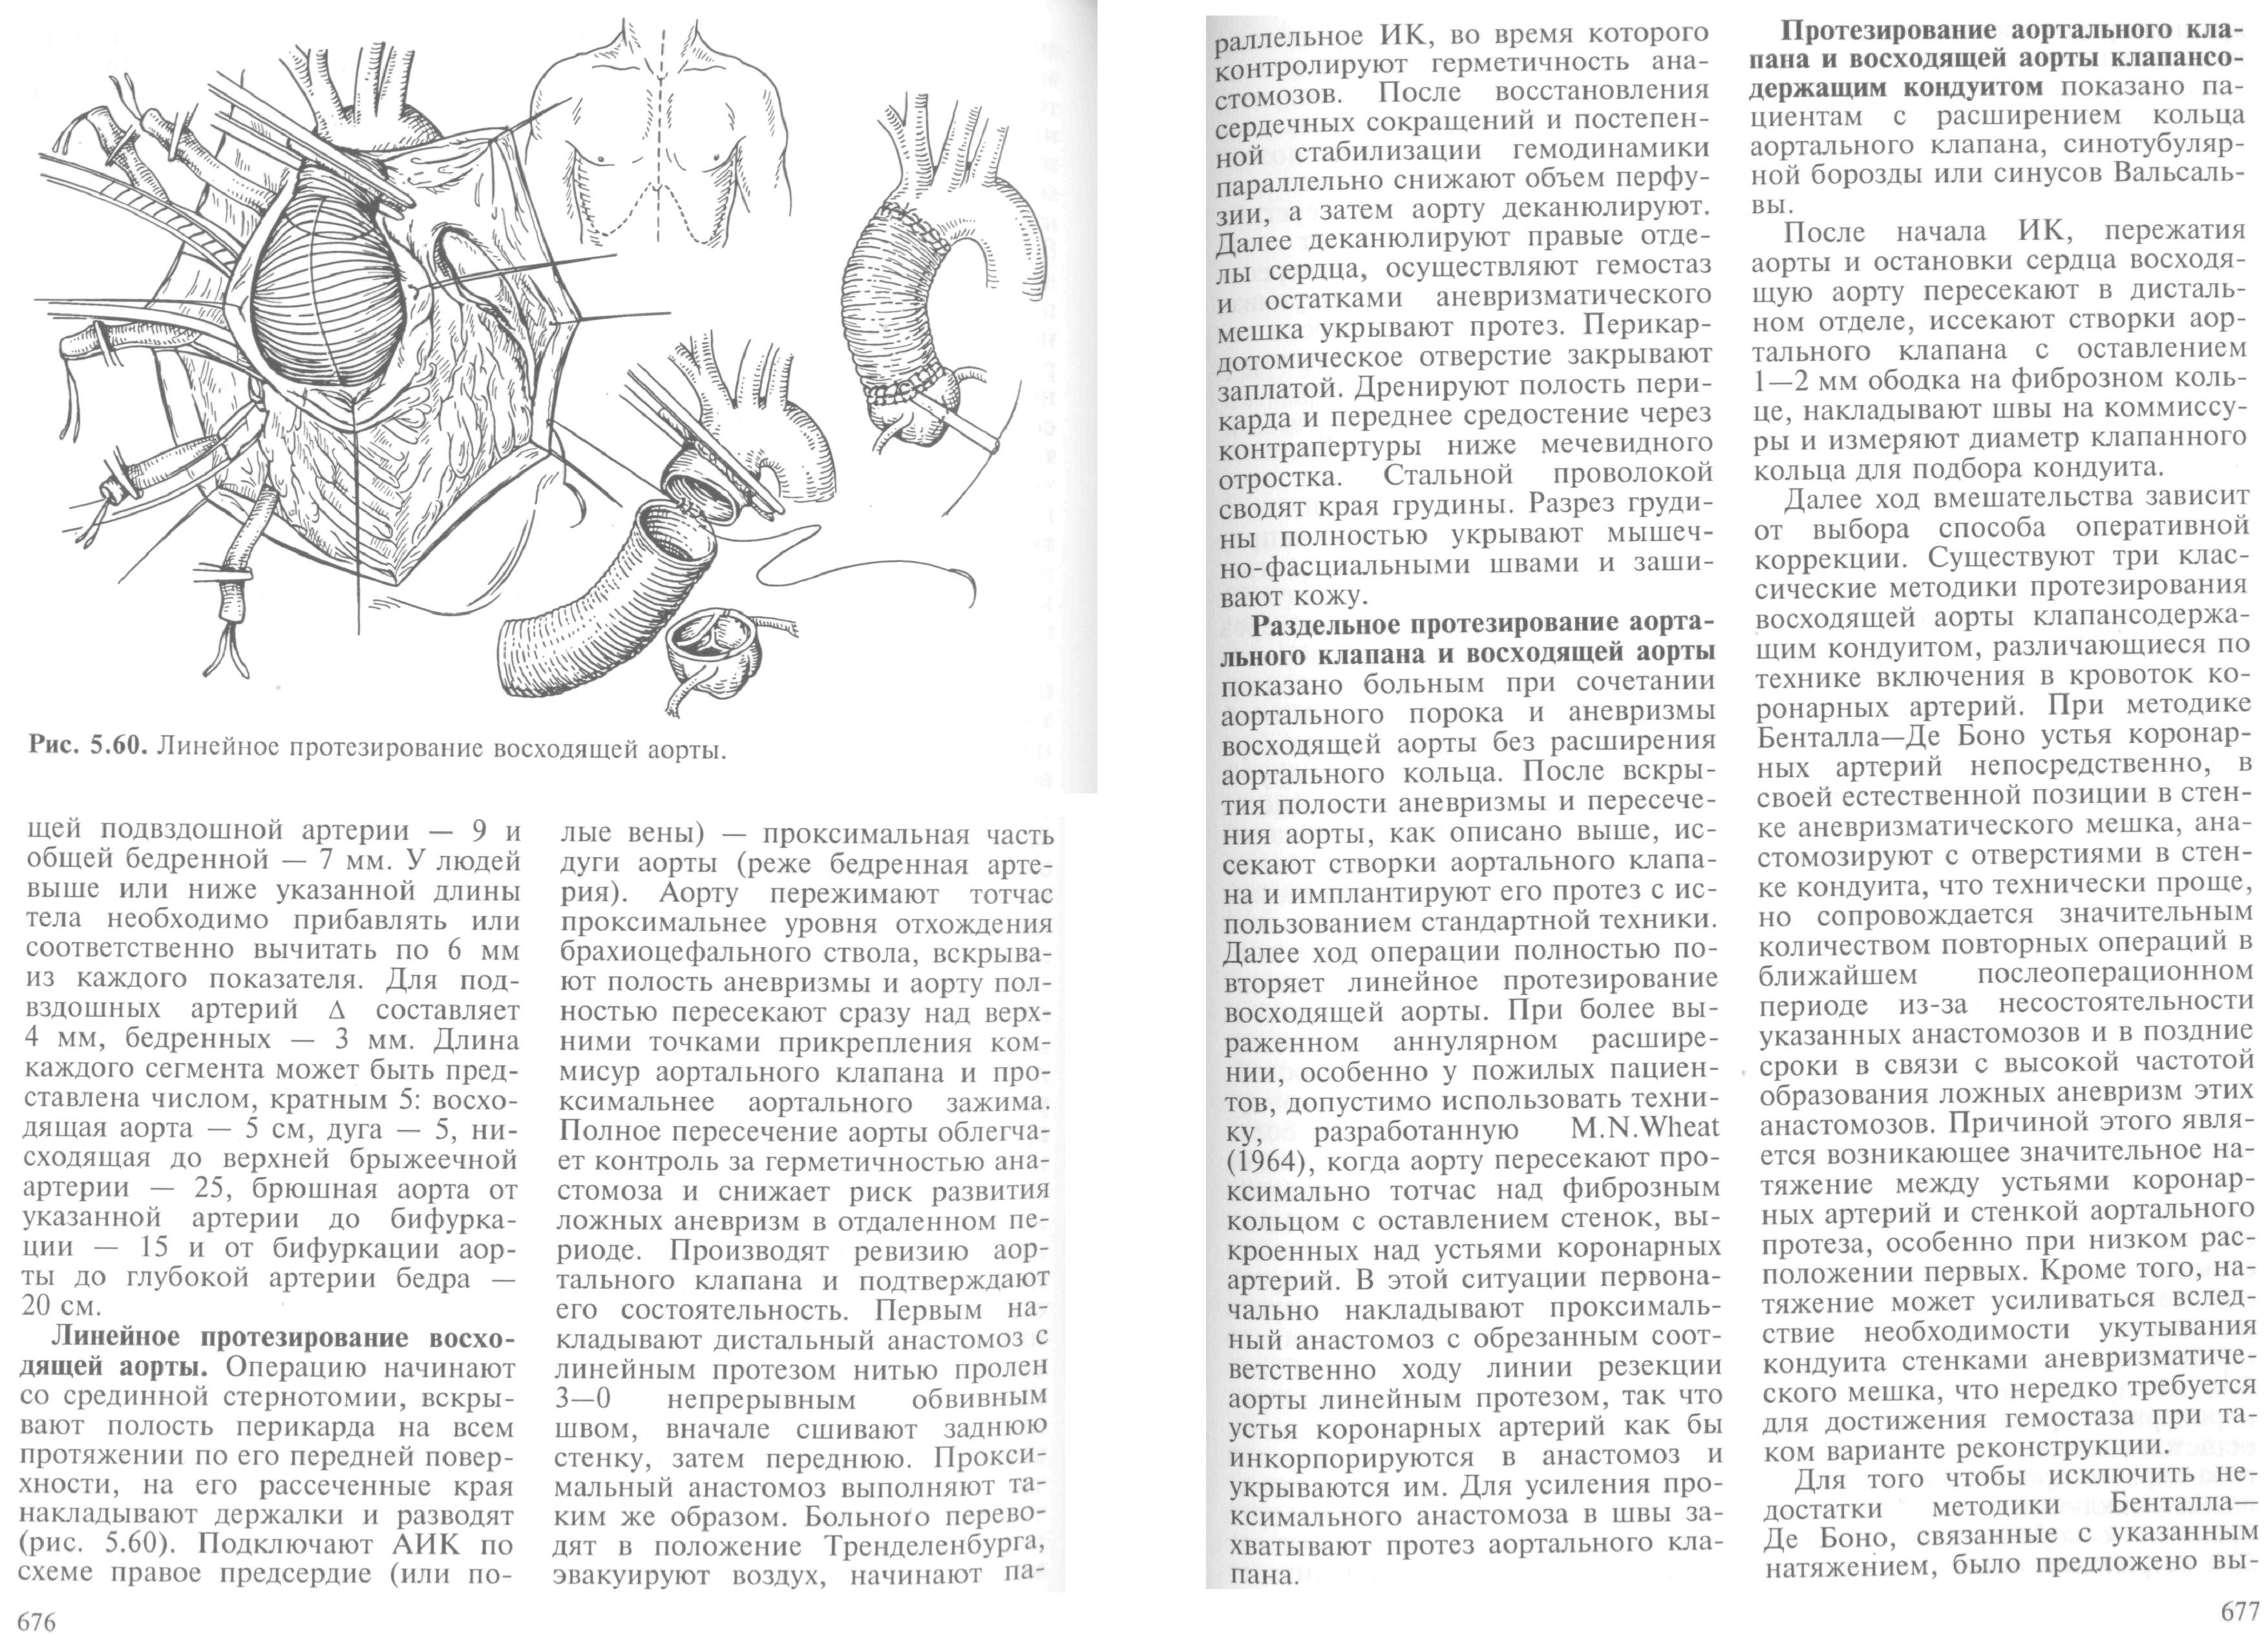 Диагностика  Аневризмы грудной аорты  Клиническая ангиология